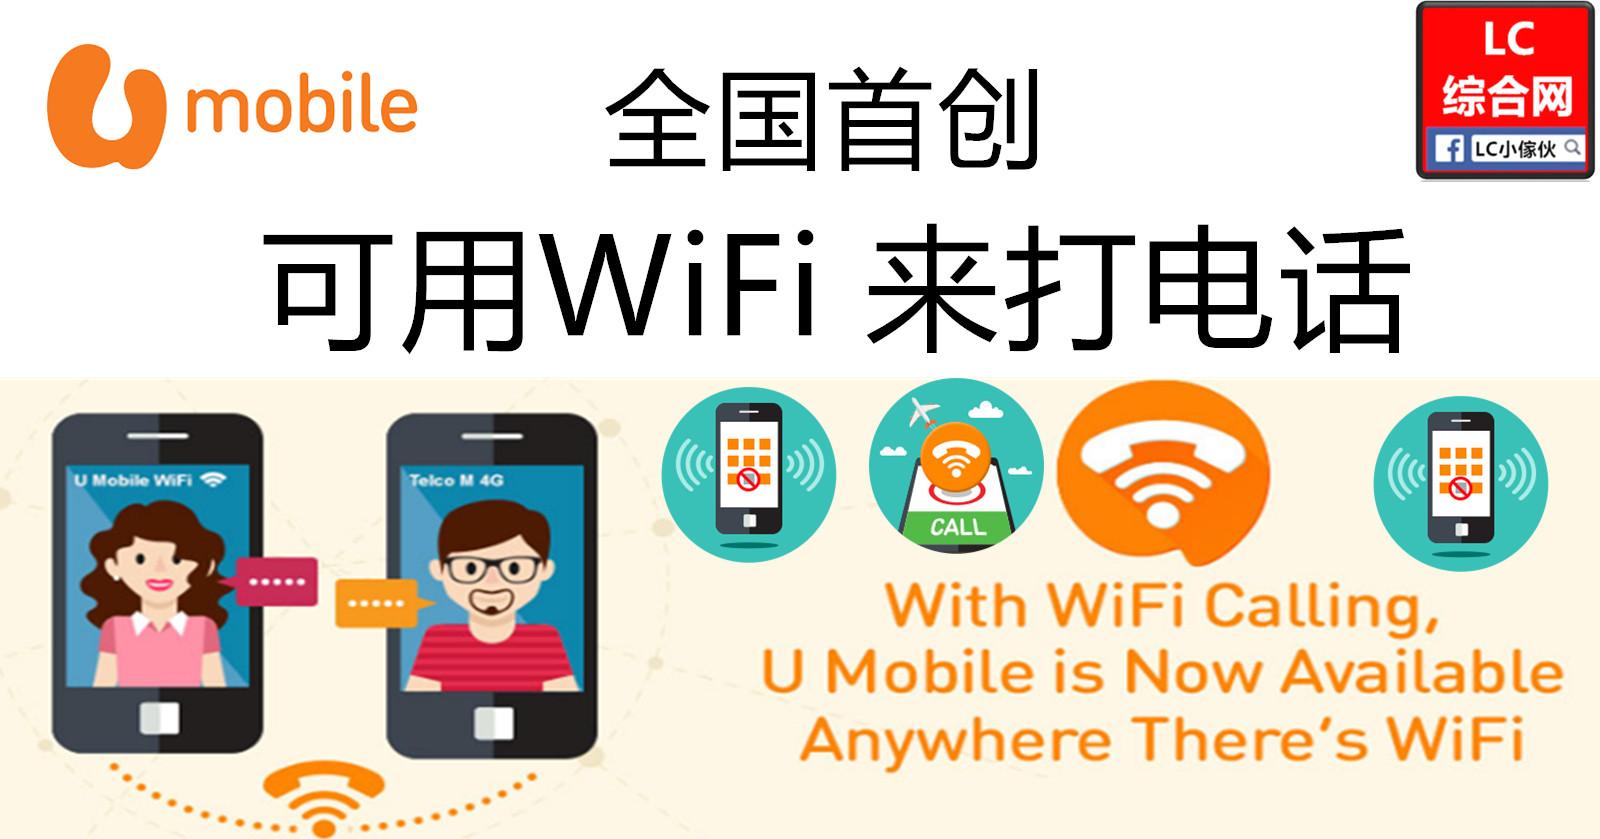 U Mobile Wifi Lc